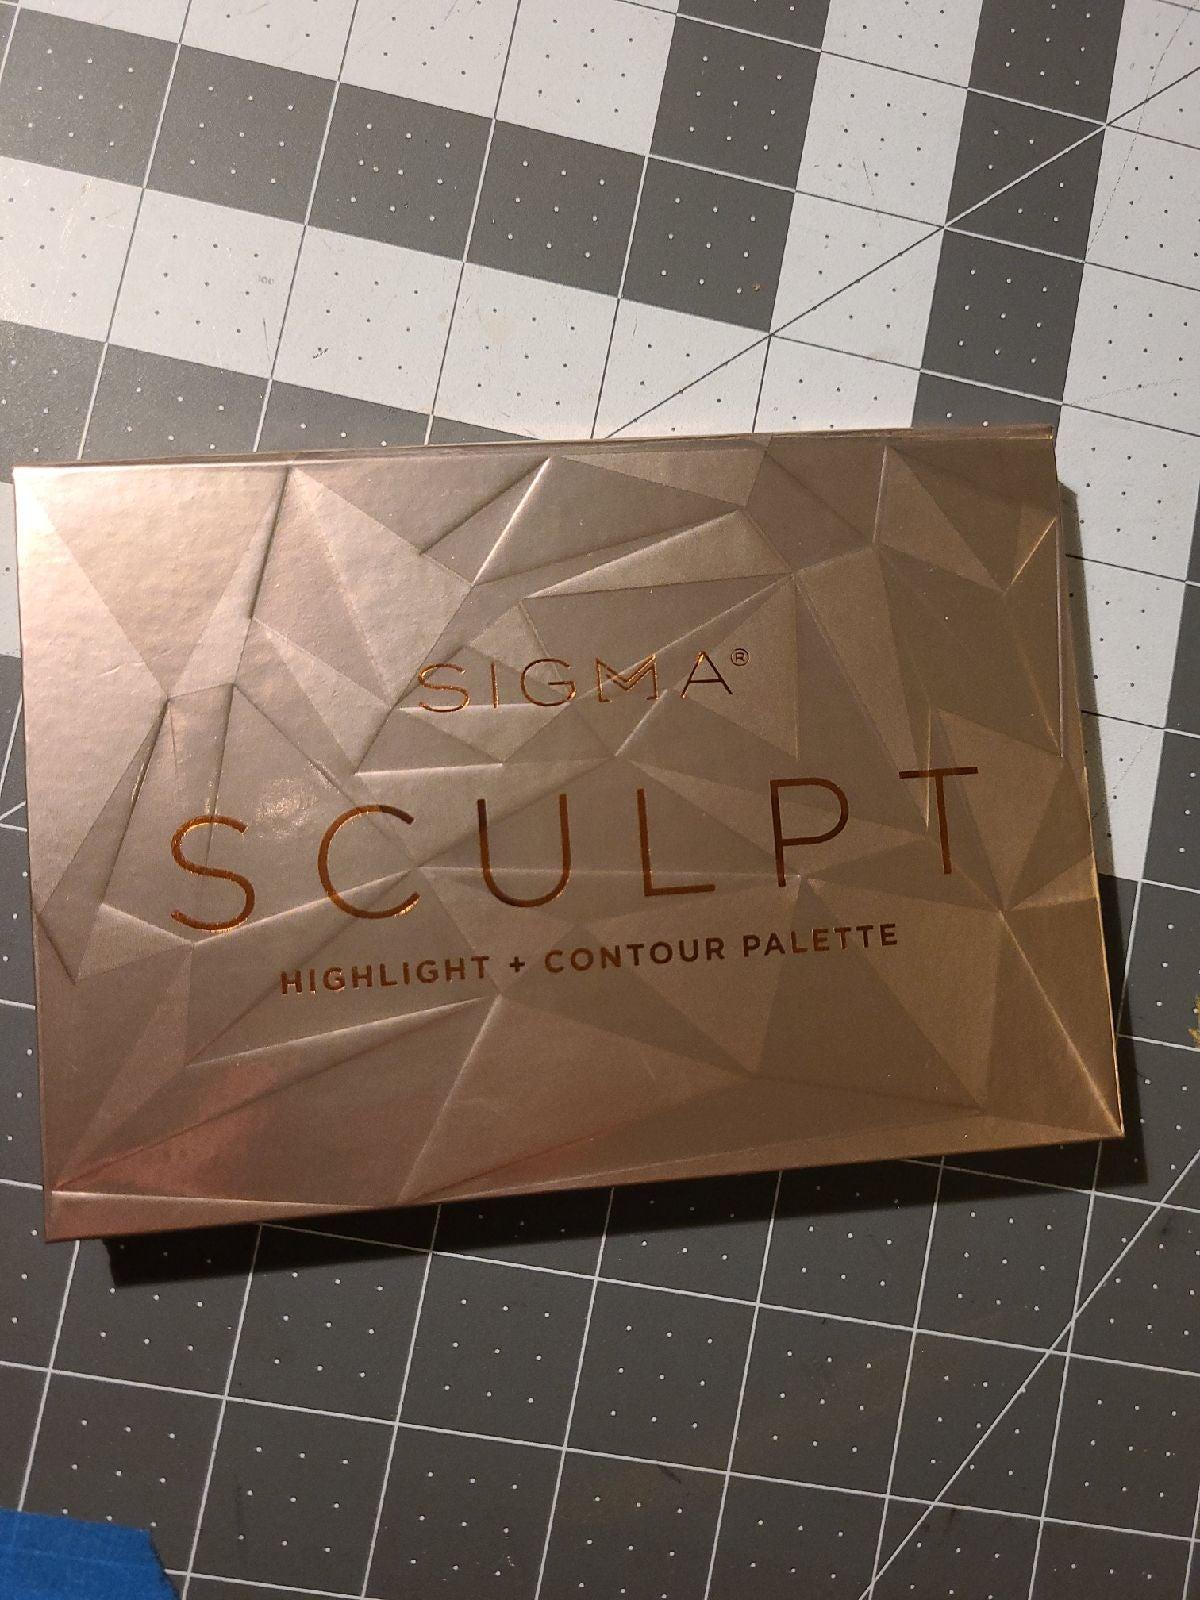 Sigma Sculpt Highlight + Contour Palette